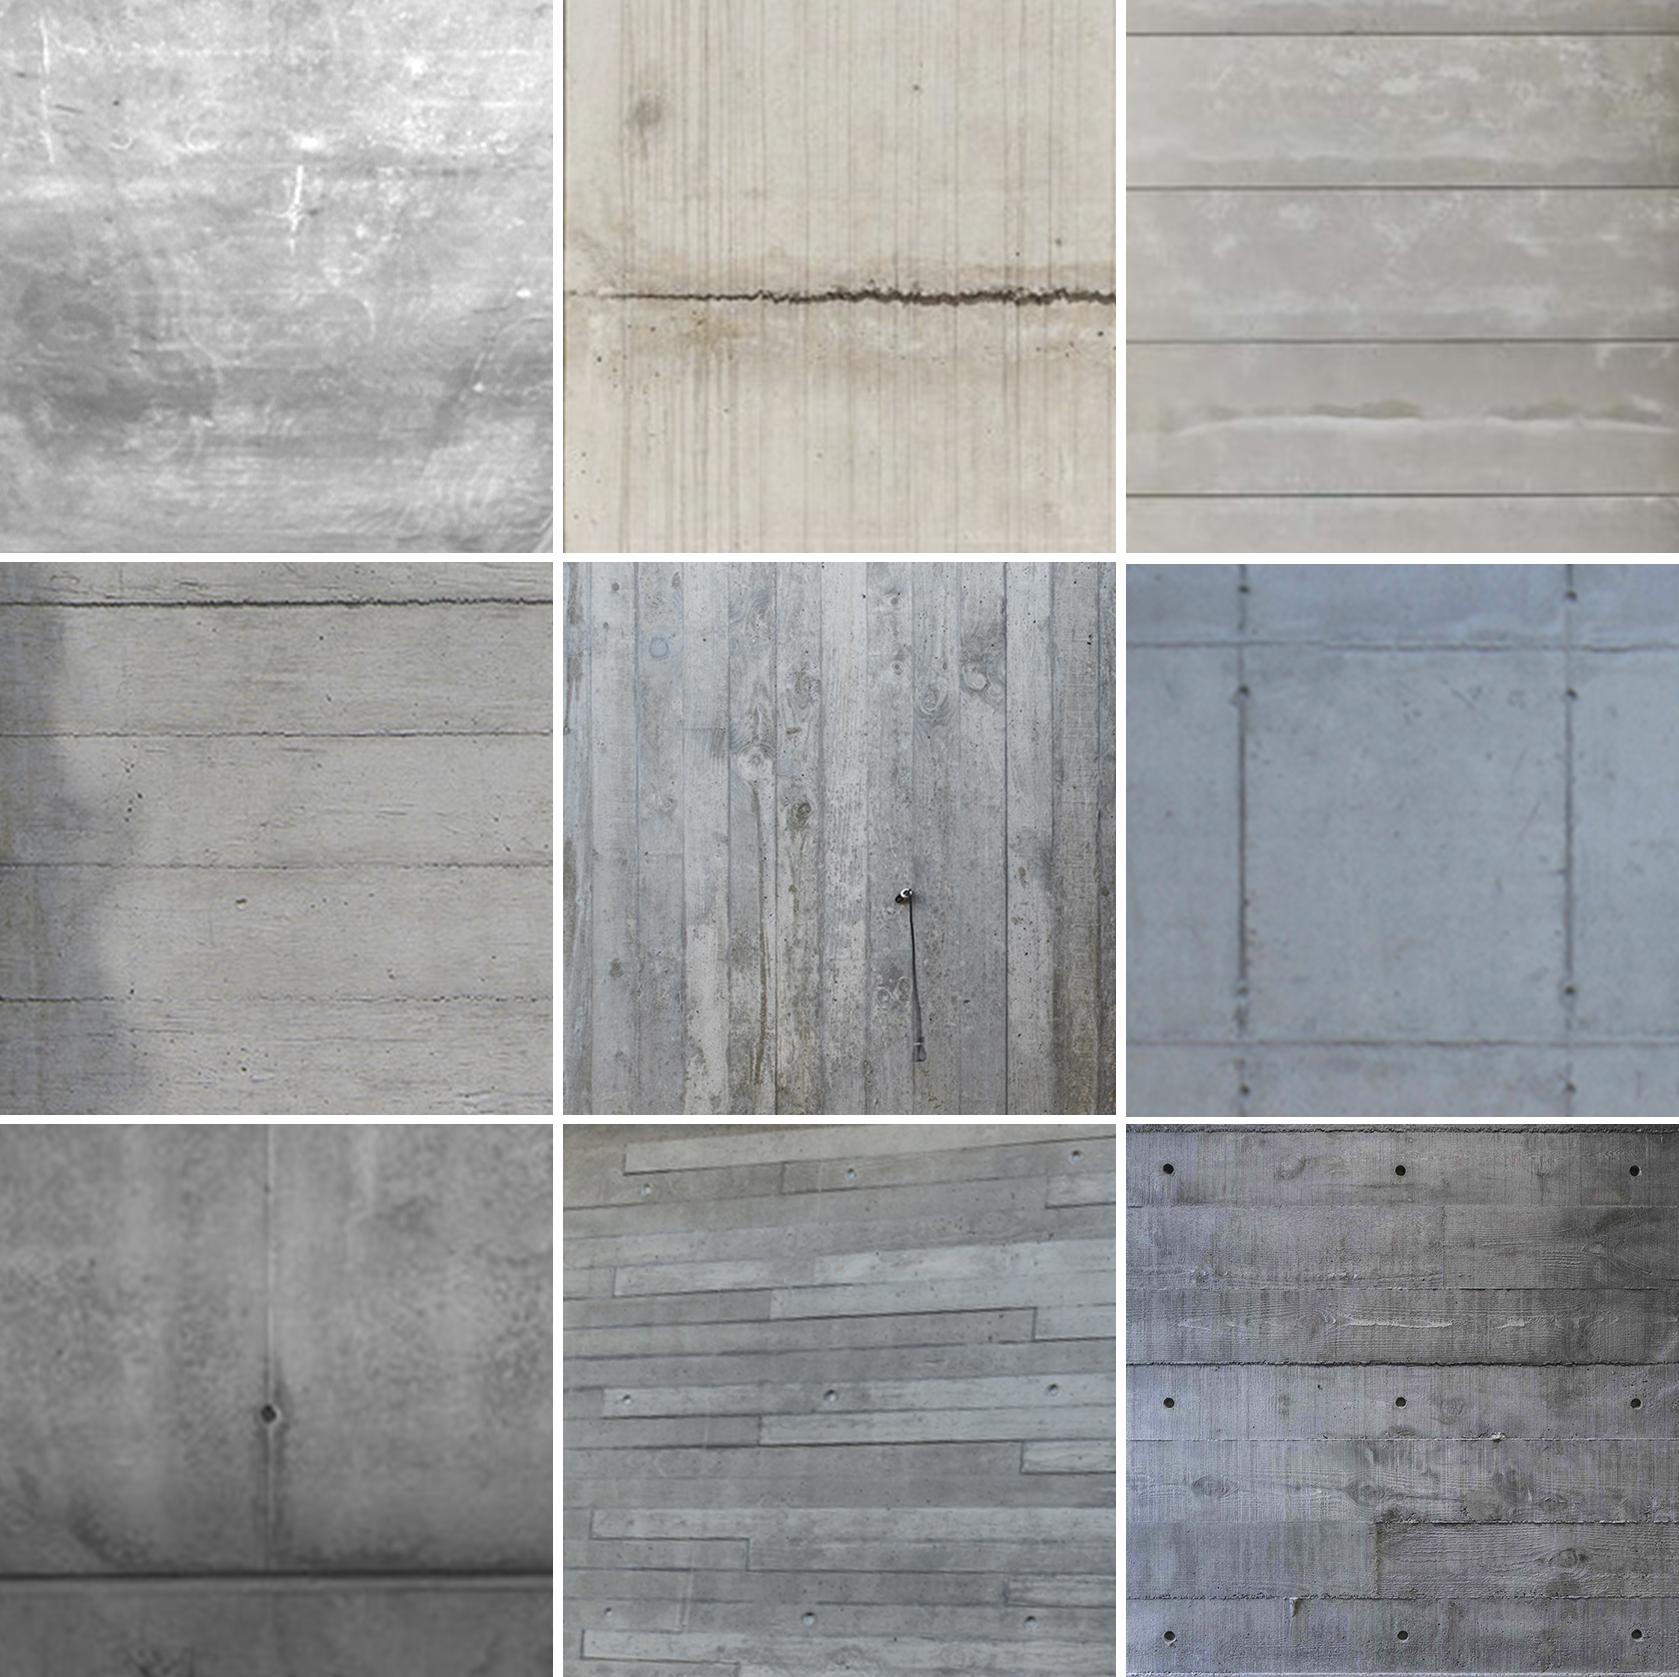 40 detalhes construtivos de concreto